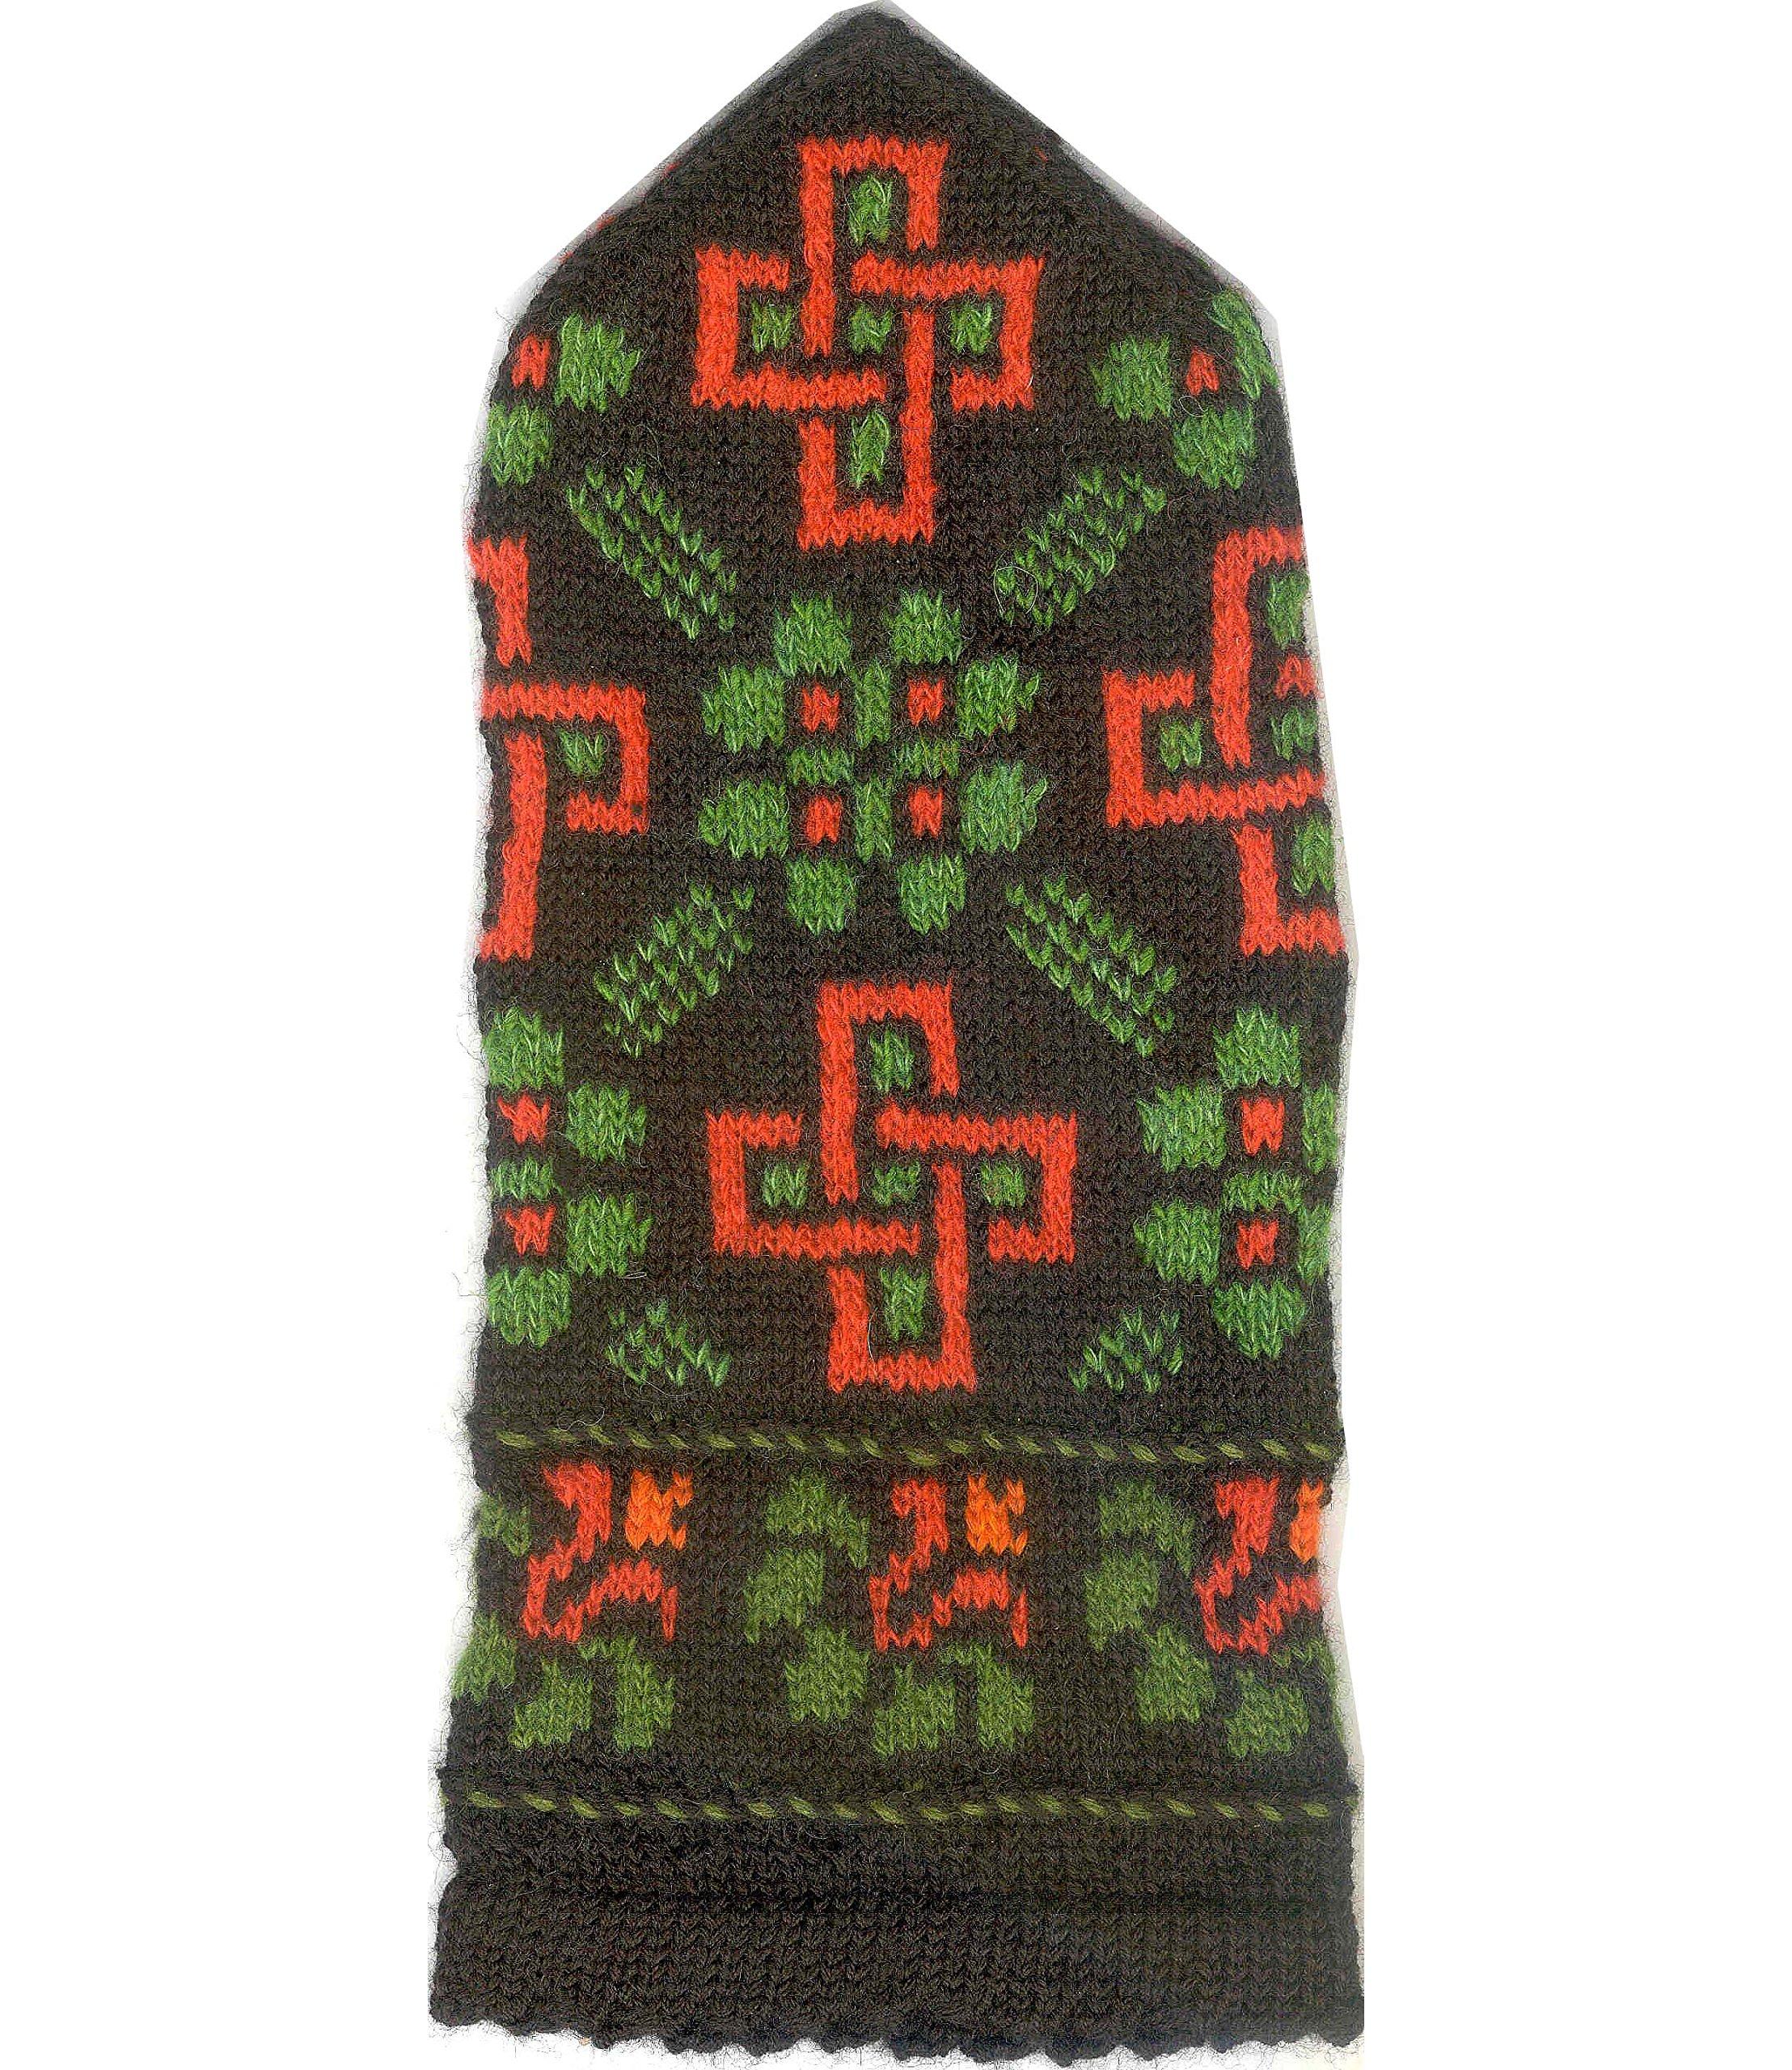 3c36df52 Latviske vottar: 178 tradisjonelle strikkemønster: Amazon.de: Maruta  Grasmane: Bücher